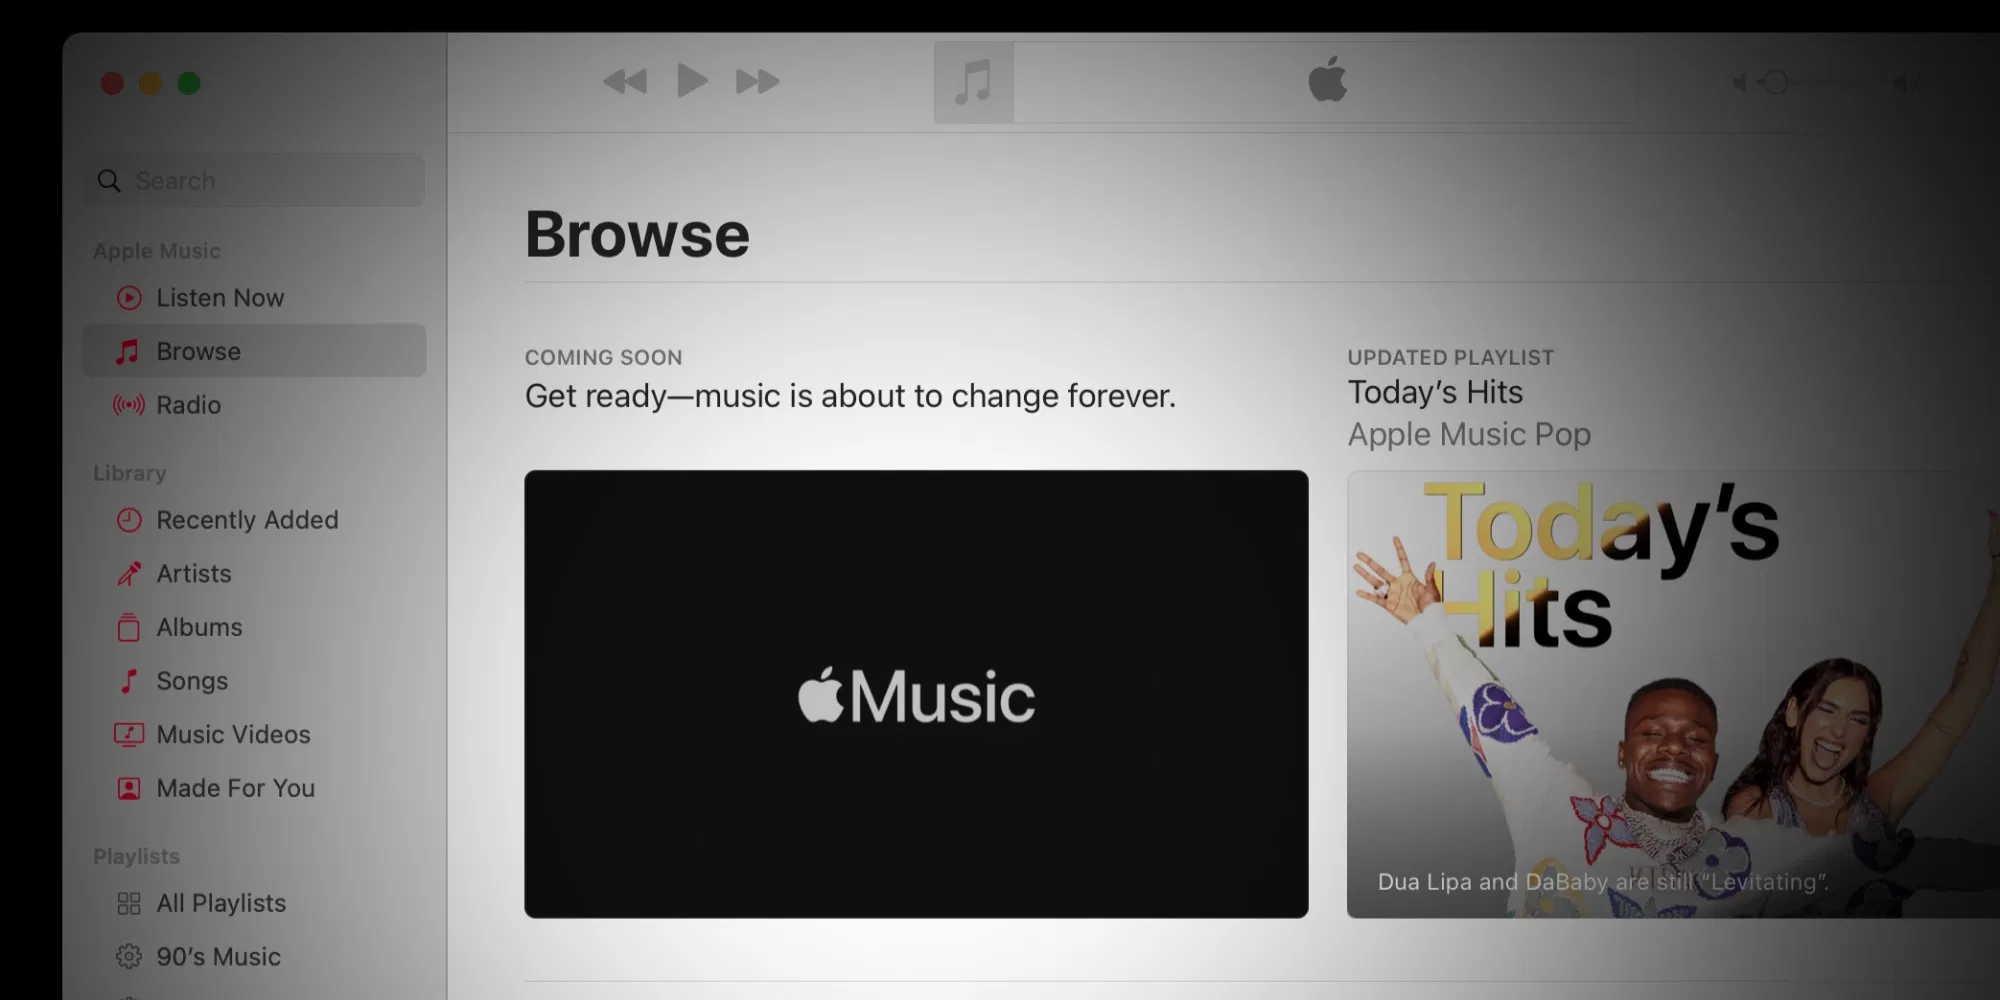 Apple Music网页版应用泄漏 确认了无损音乐流媒体功能